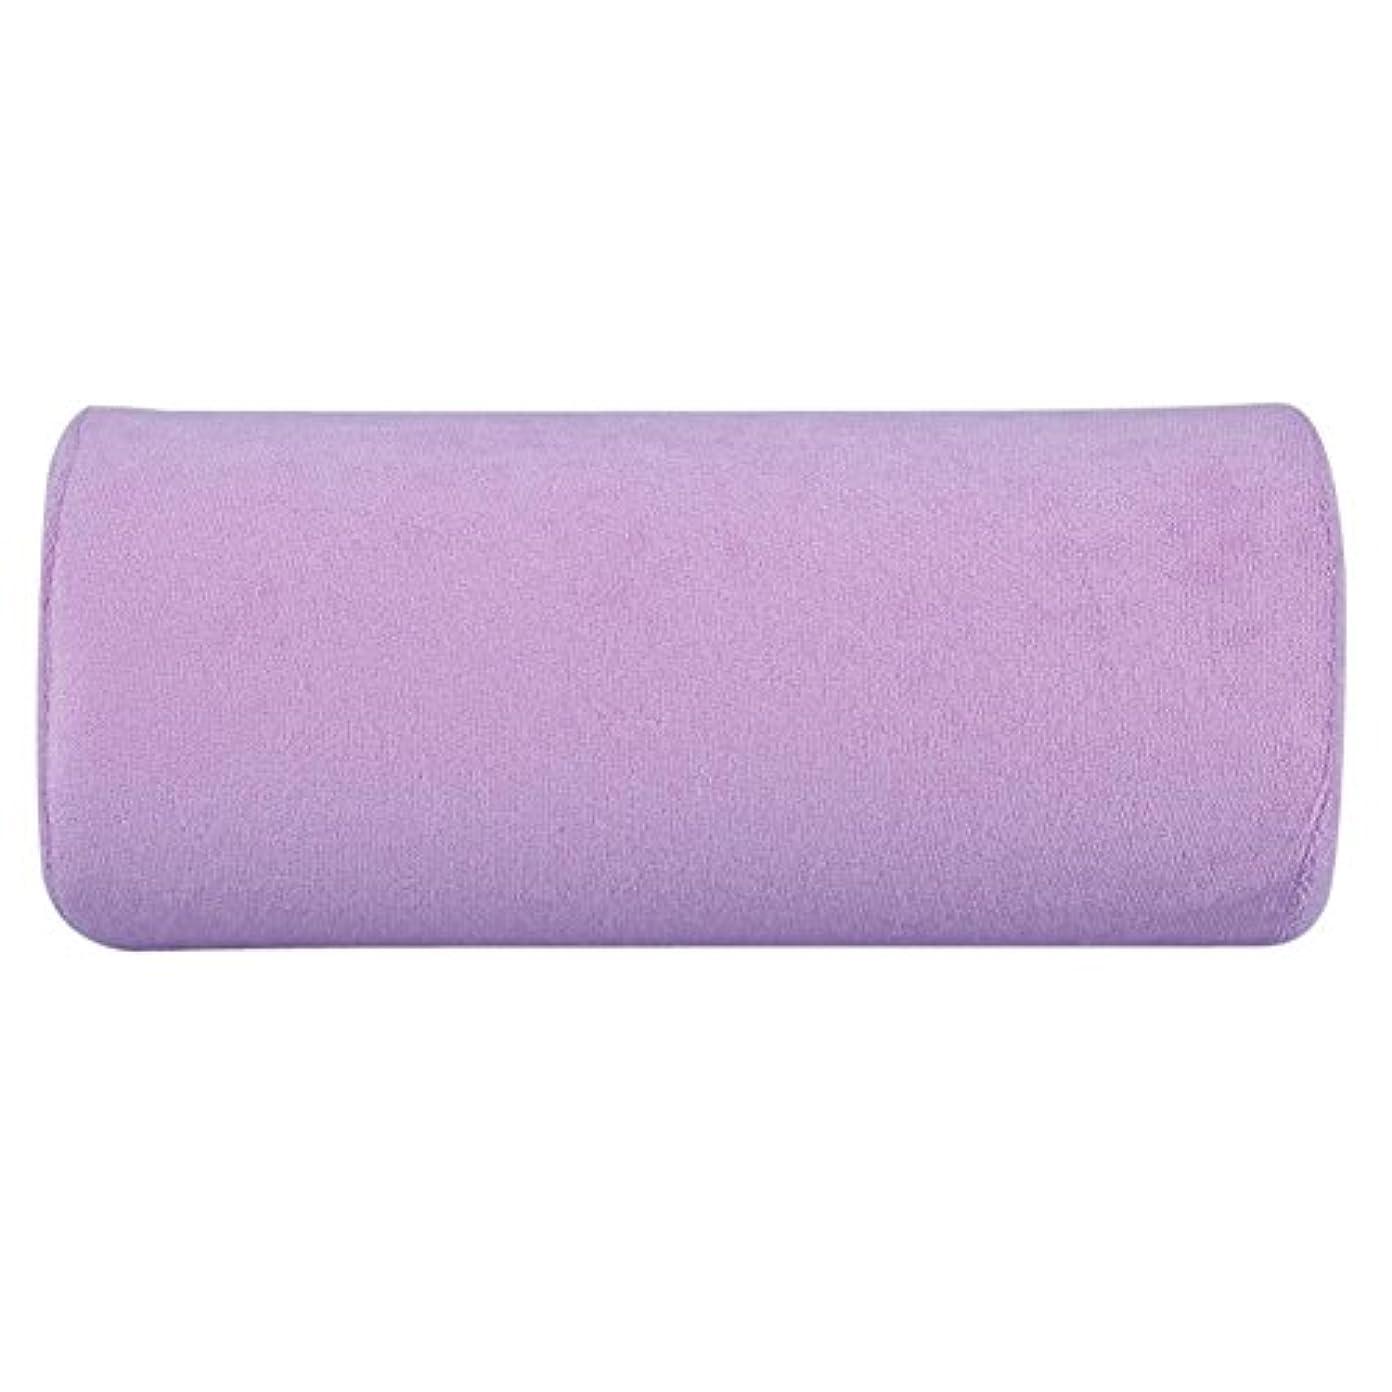 粘土ルーチン公然と腕置き Okuguy ハンド枕 手の枕 腕マクラ ハンドピロー 柔らかい 美容院 美容室 サロン (紫)